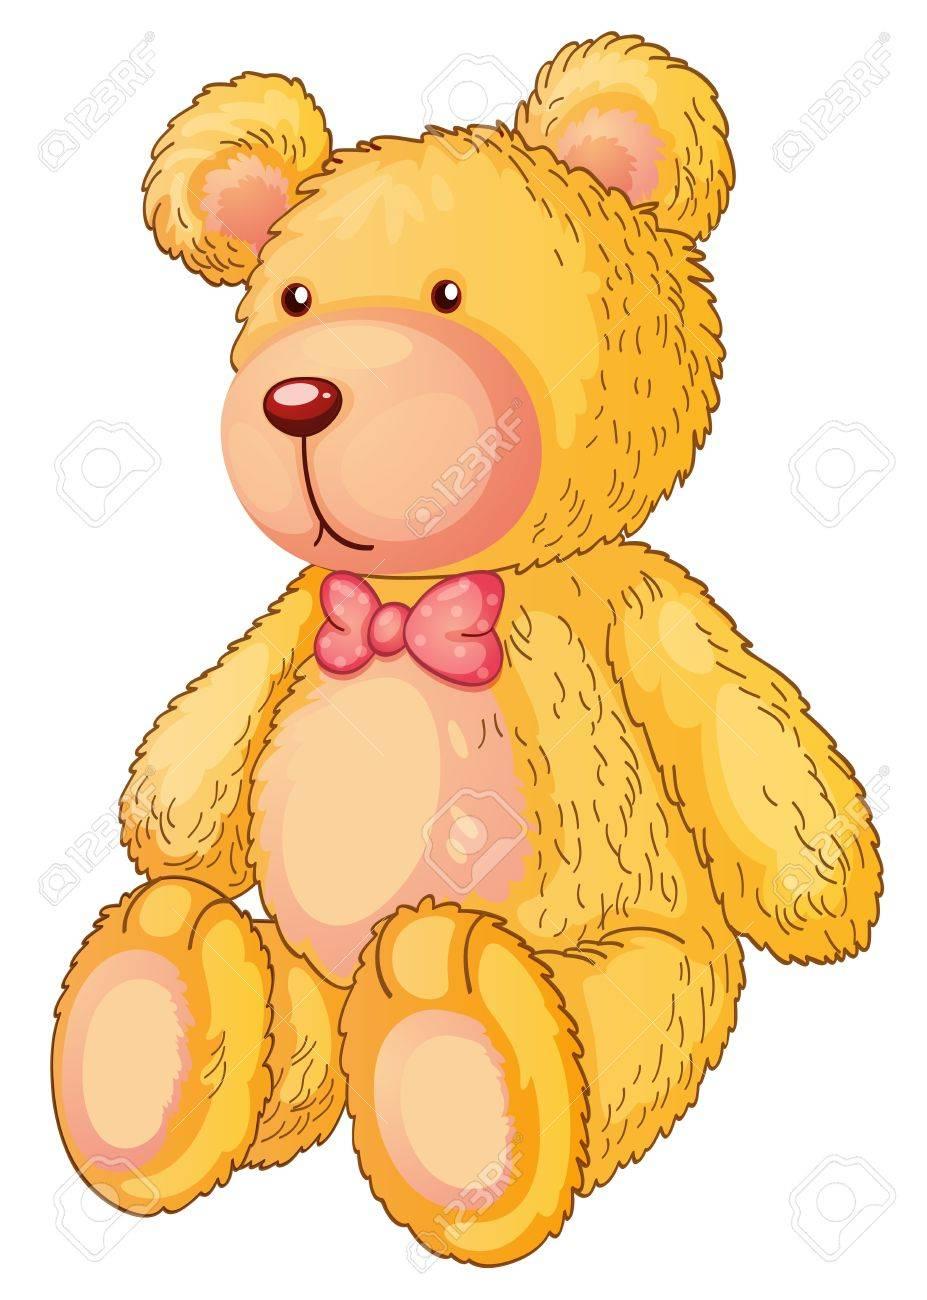 Cuddly teddy bear images - anschlag nigeria abuja photos